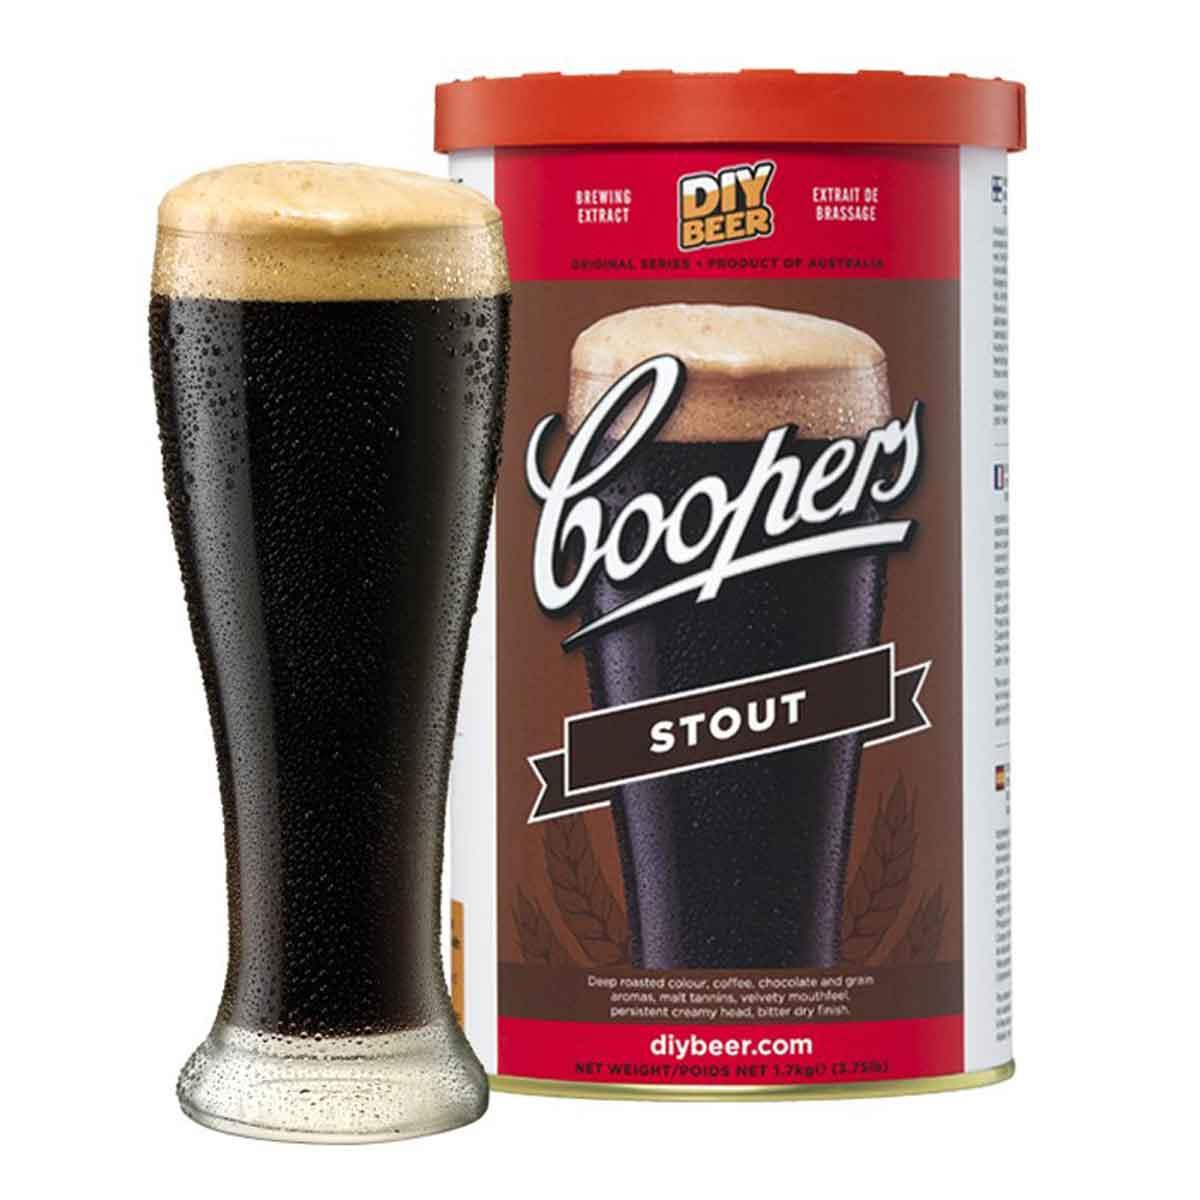 Malto per birra Coopers Stout